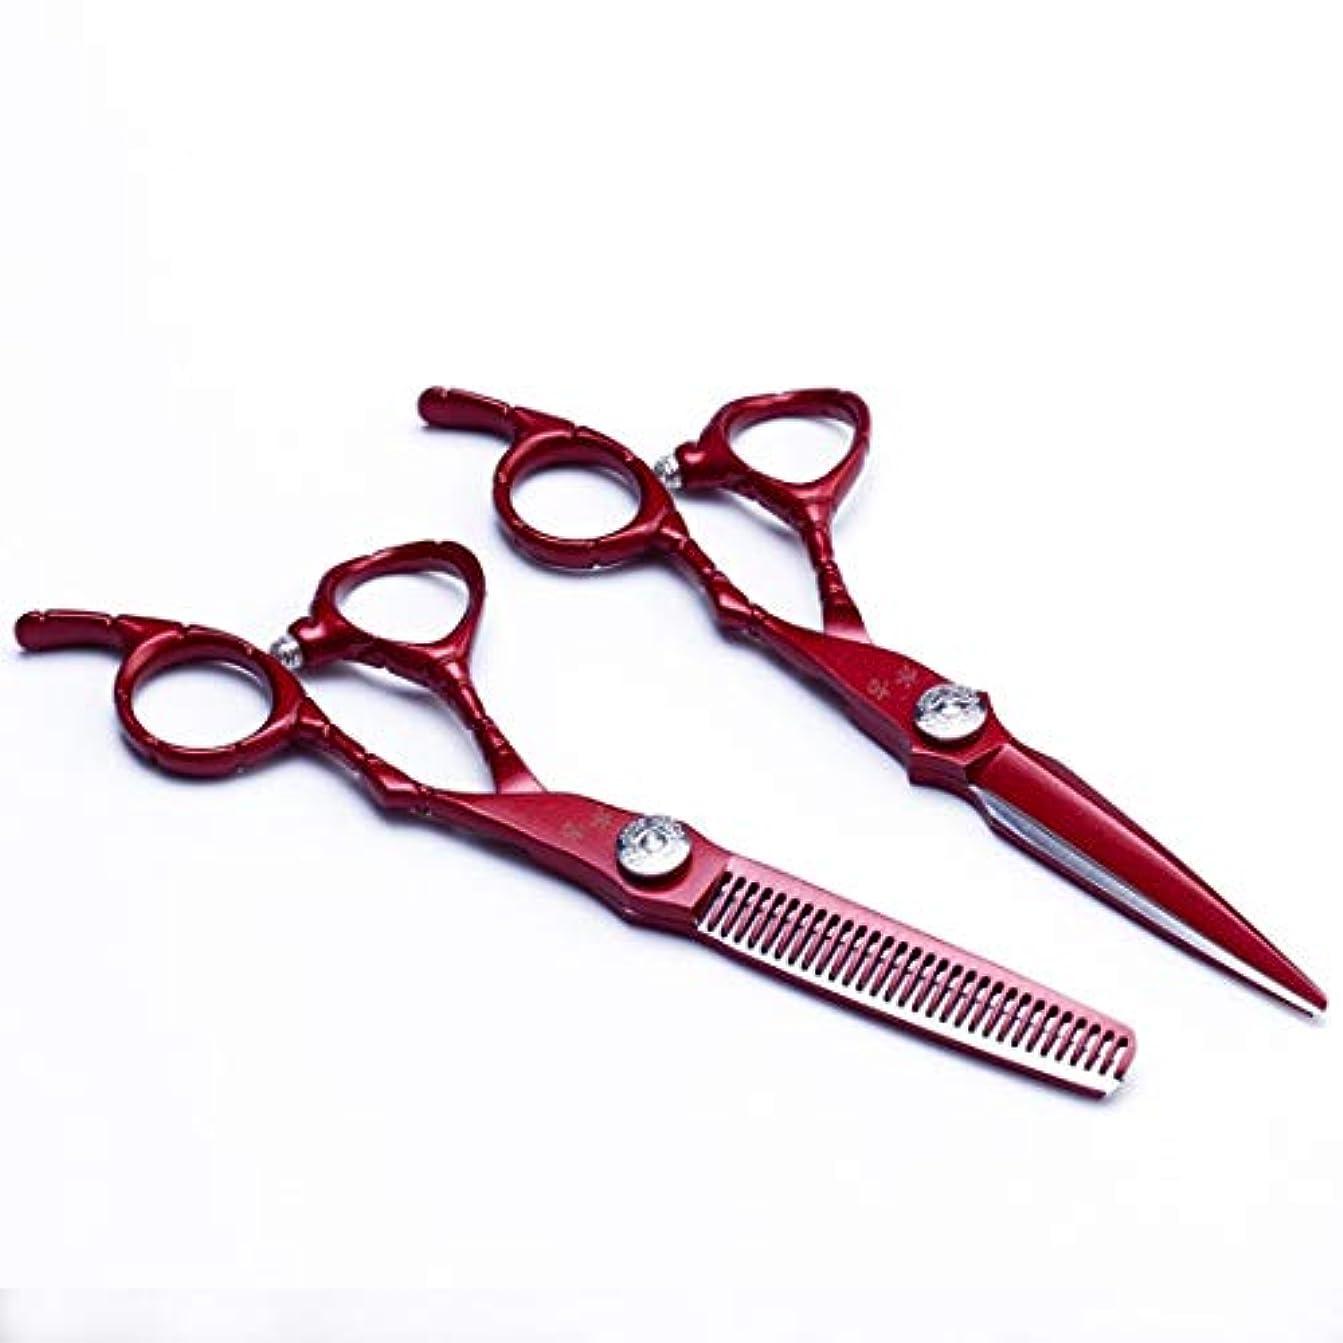 イブ原告厳しいJiaoran 理髪はさみ理髪はさみフラットせん断はさみプロの理髪師はさみセット